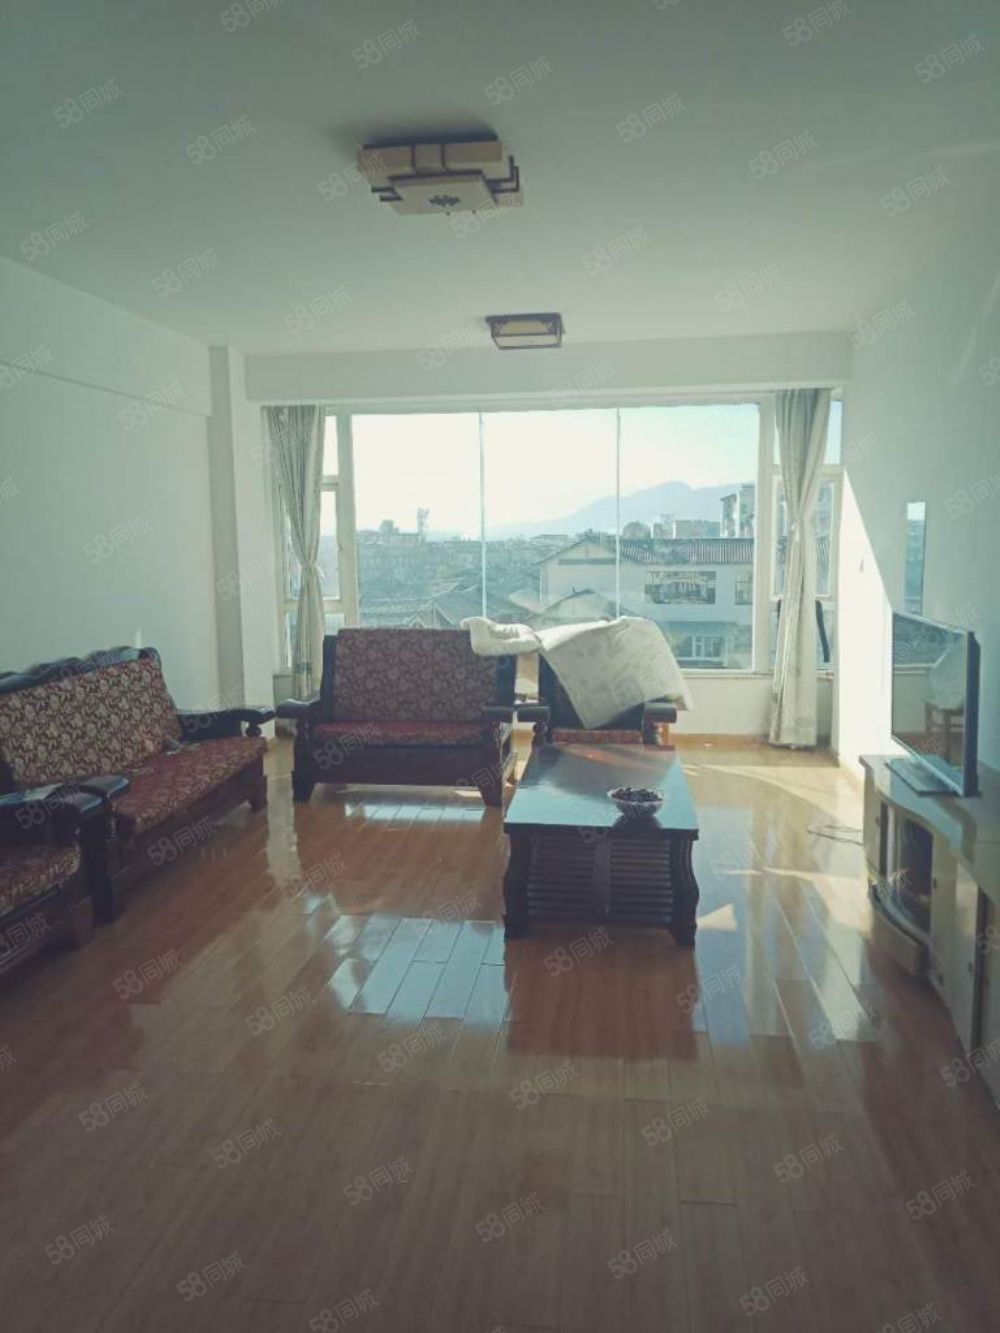 柏龙水榭心悦庭有好房出租,看房方便。家具家电齐全。